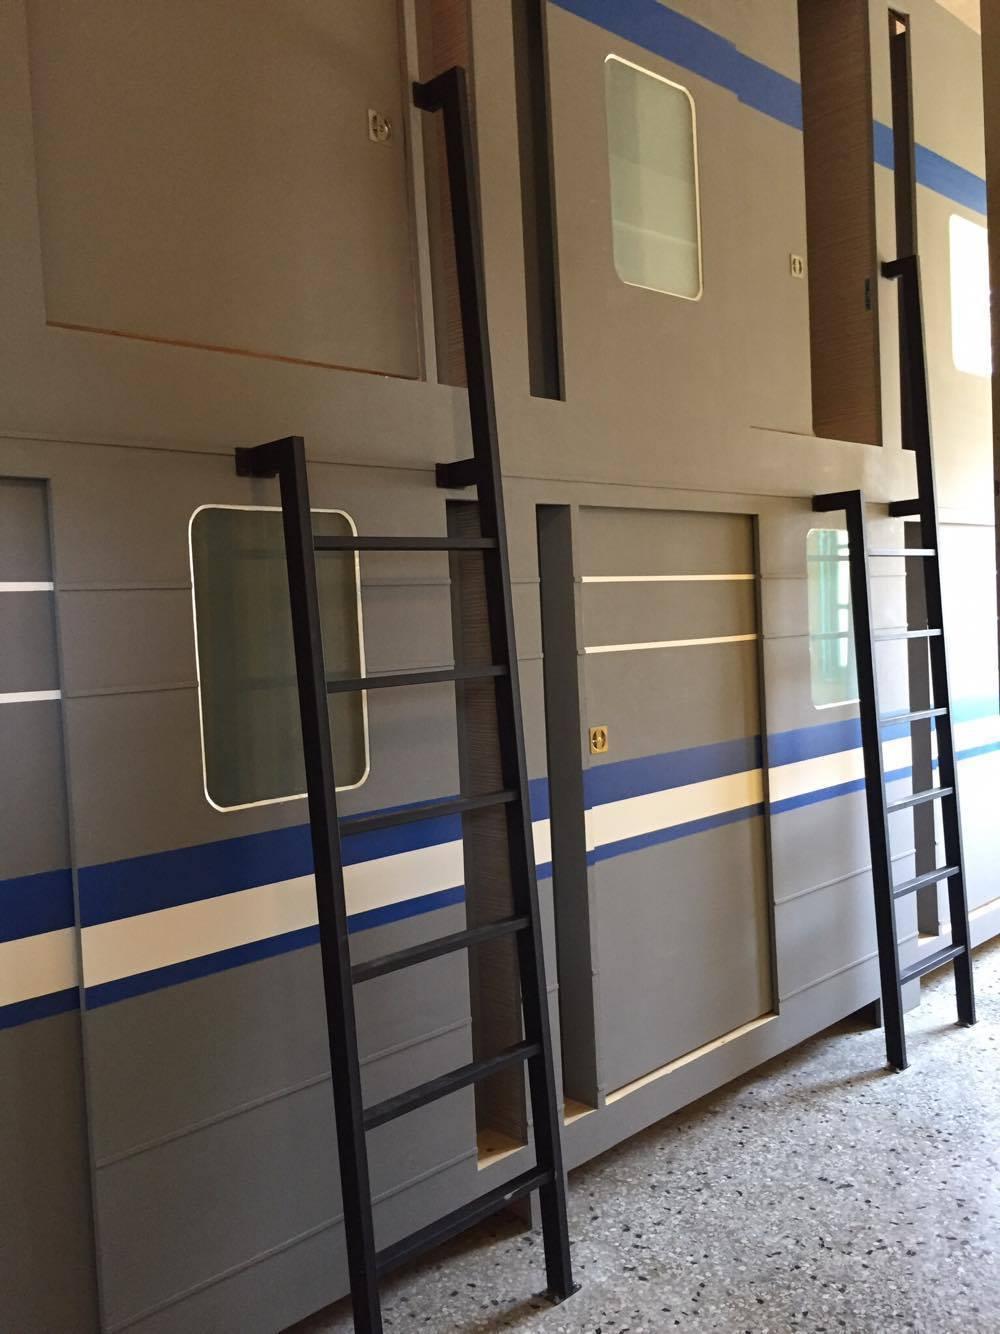 「聽火車」原是提供給員工住宿的「車站宿舍」,張又正將房間打造成車廂,邀請民眾走入...